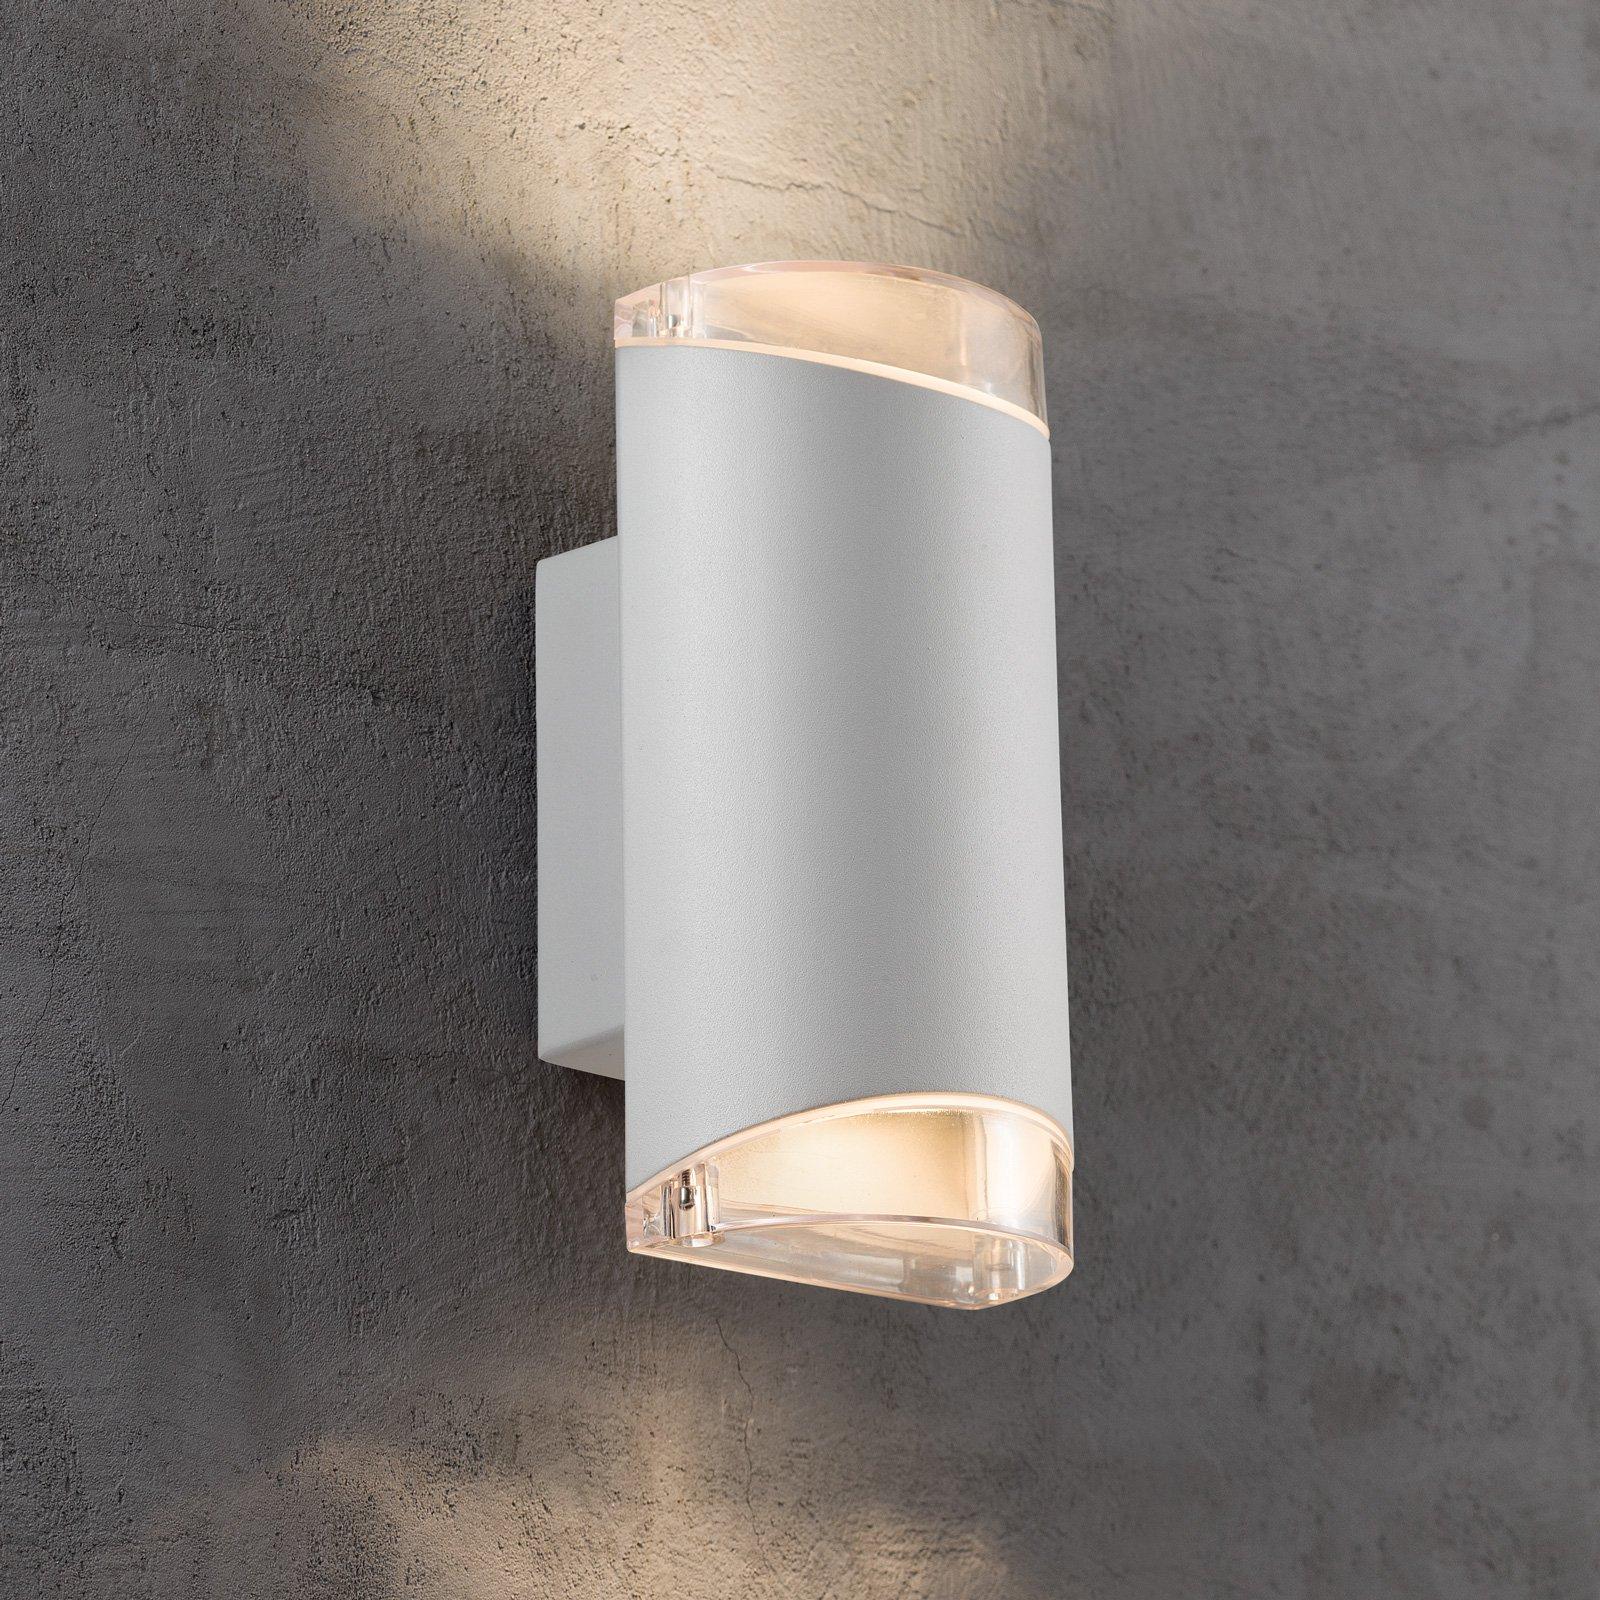 Utendørs vegglampe Arn, 2 lyskilder, hvit